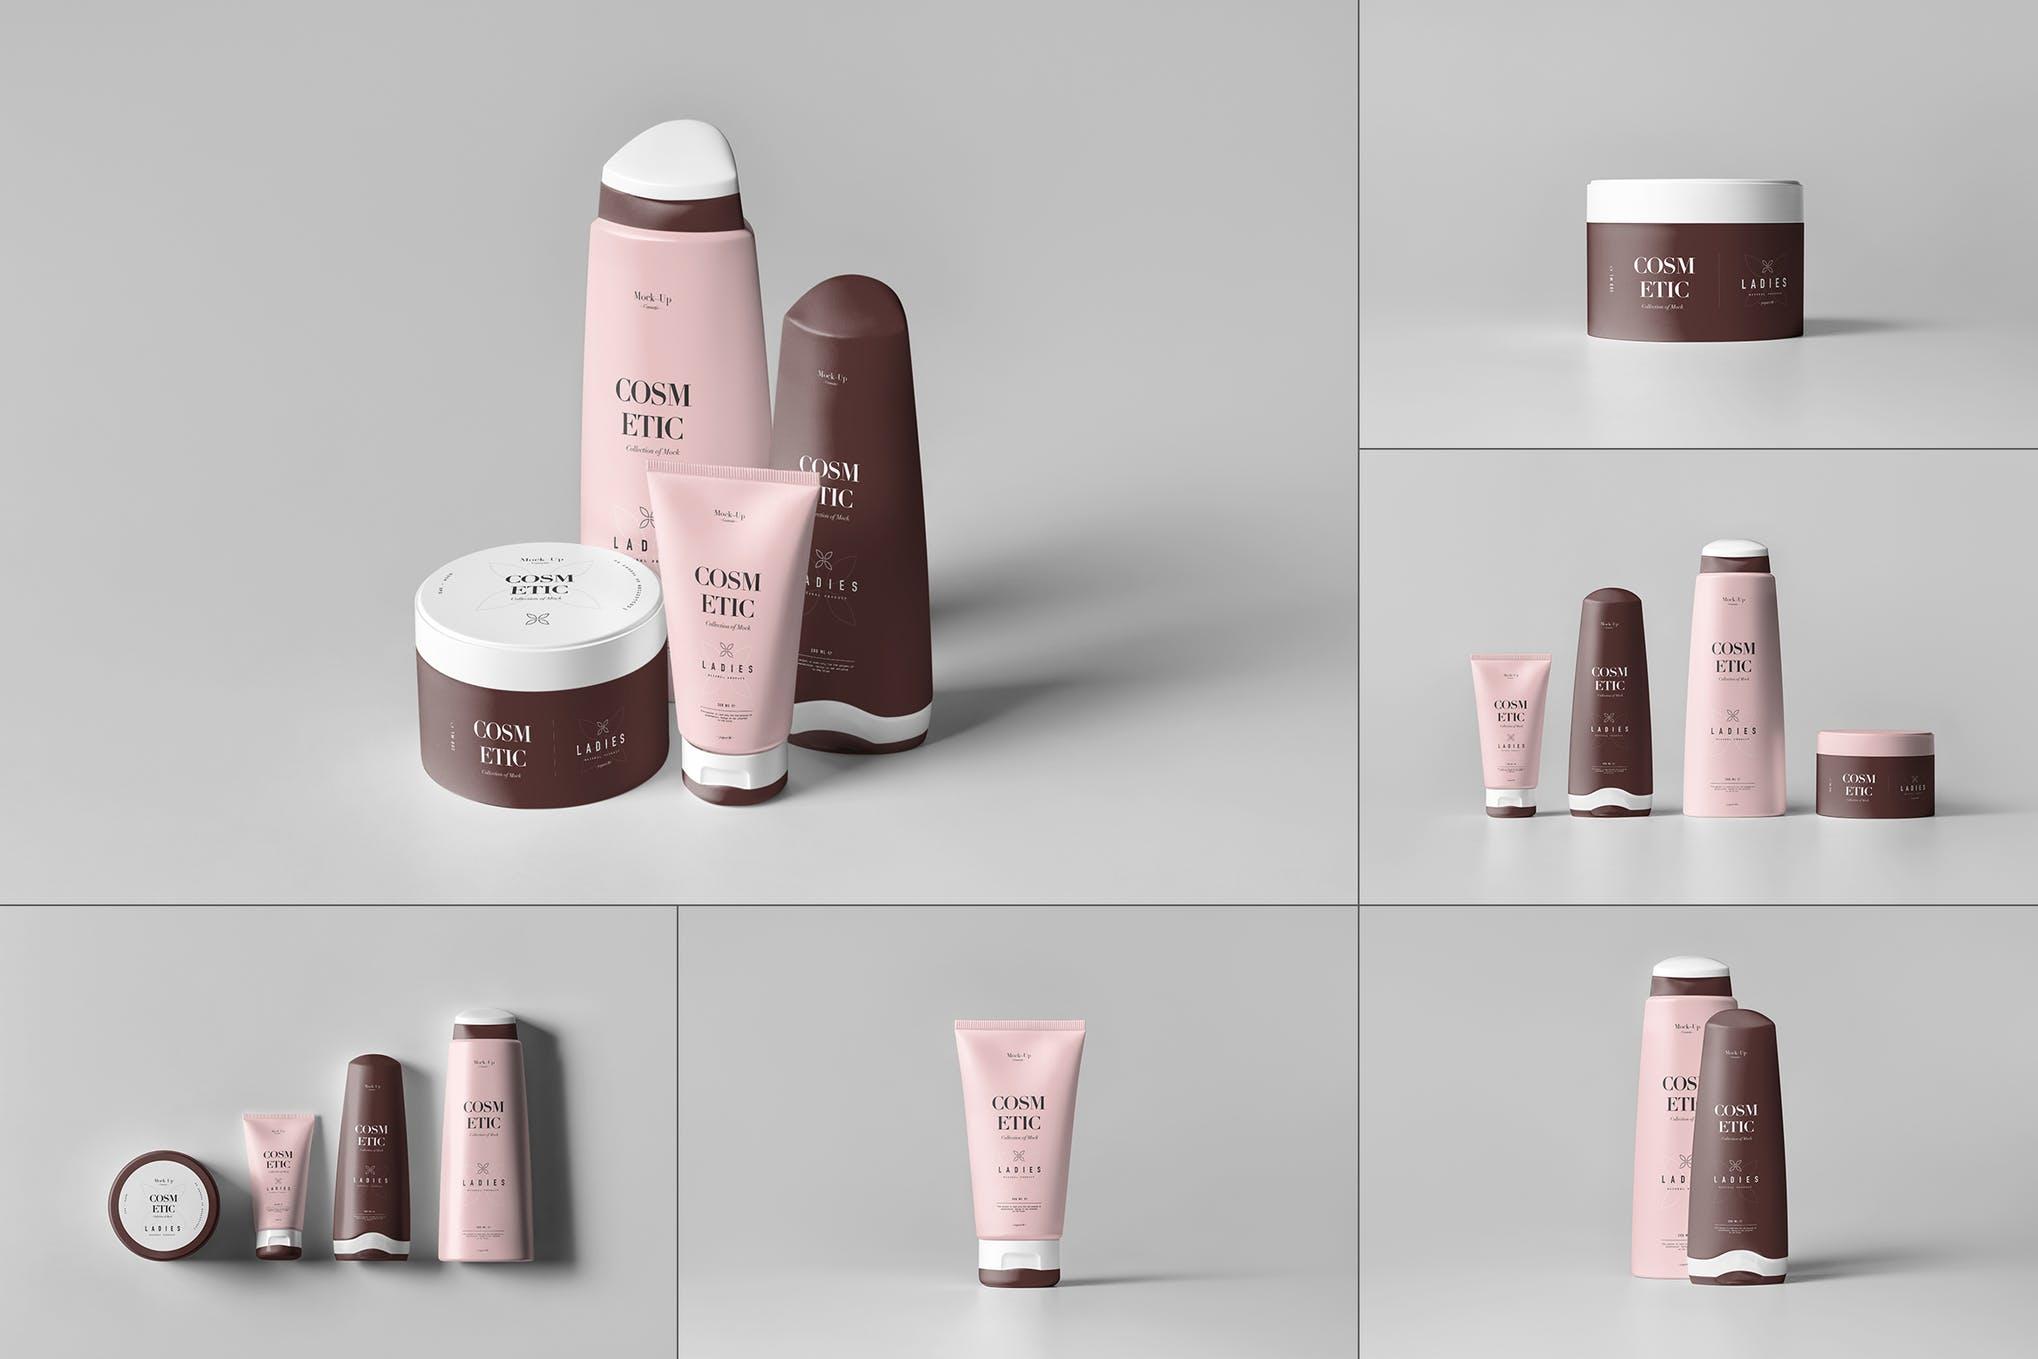 化妆品洗面奶沐浴液洗发露包装样机效果图插图(1)